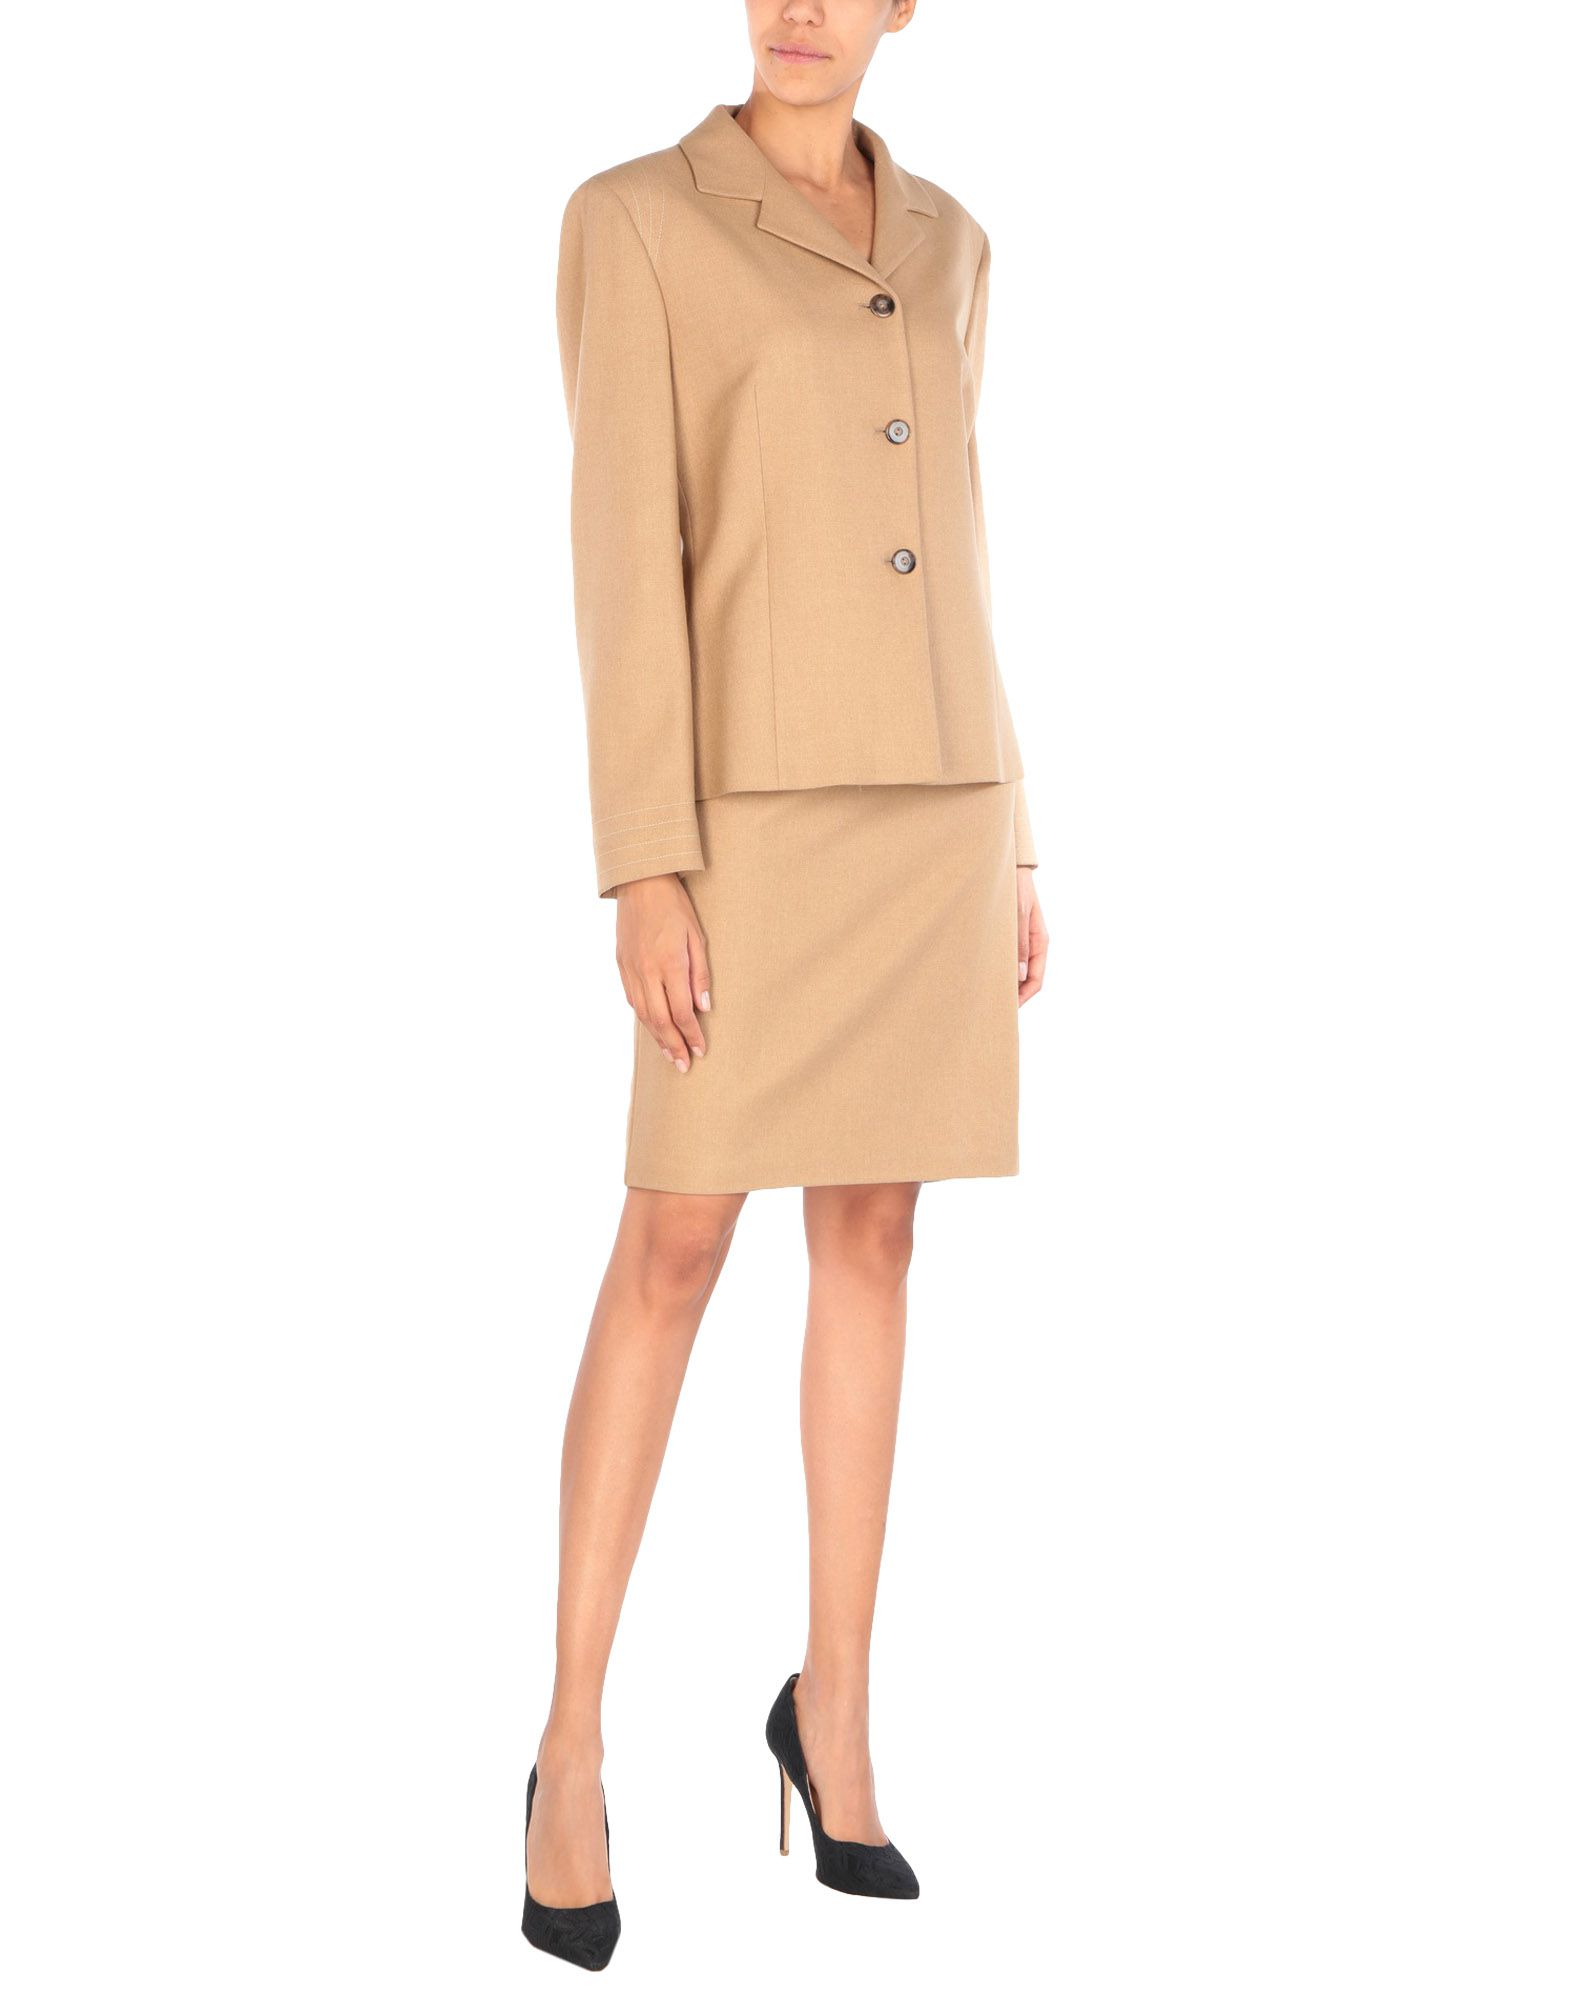 MARELLA Классический костюм классический галстук аксессуар robe длинные tie костюм диагональные полосы терилен